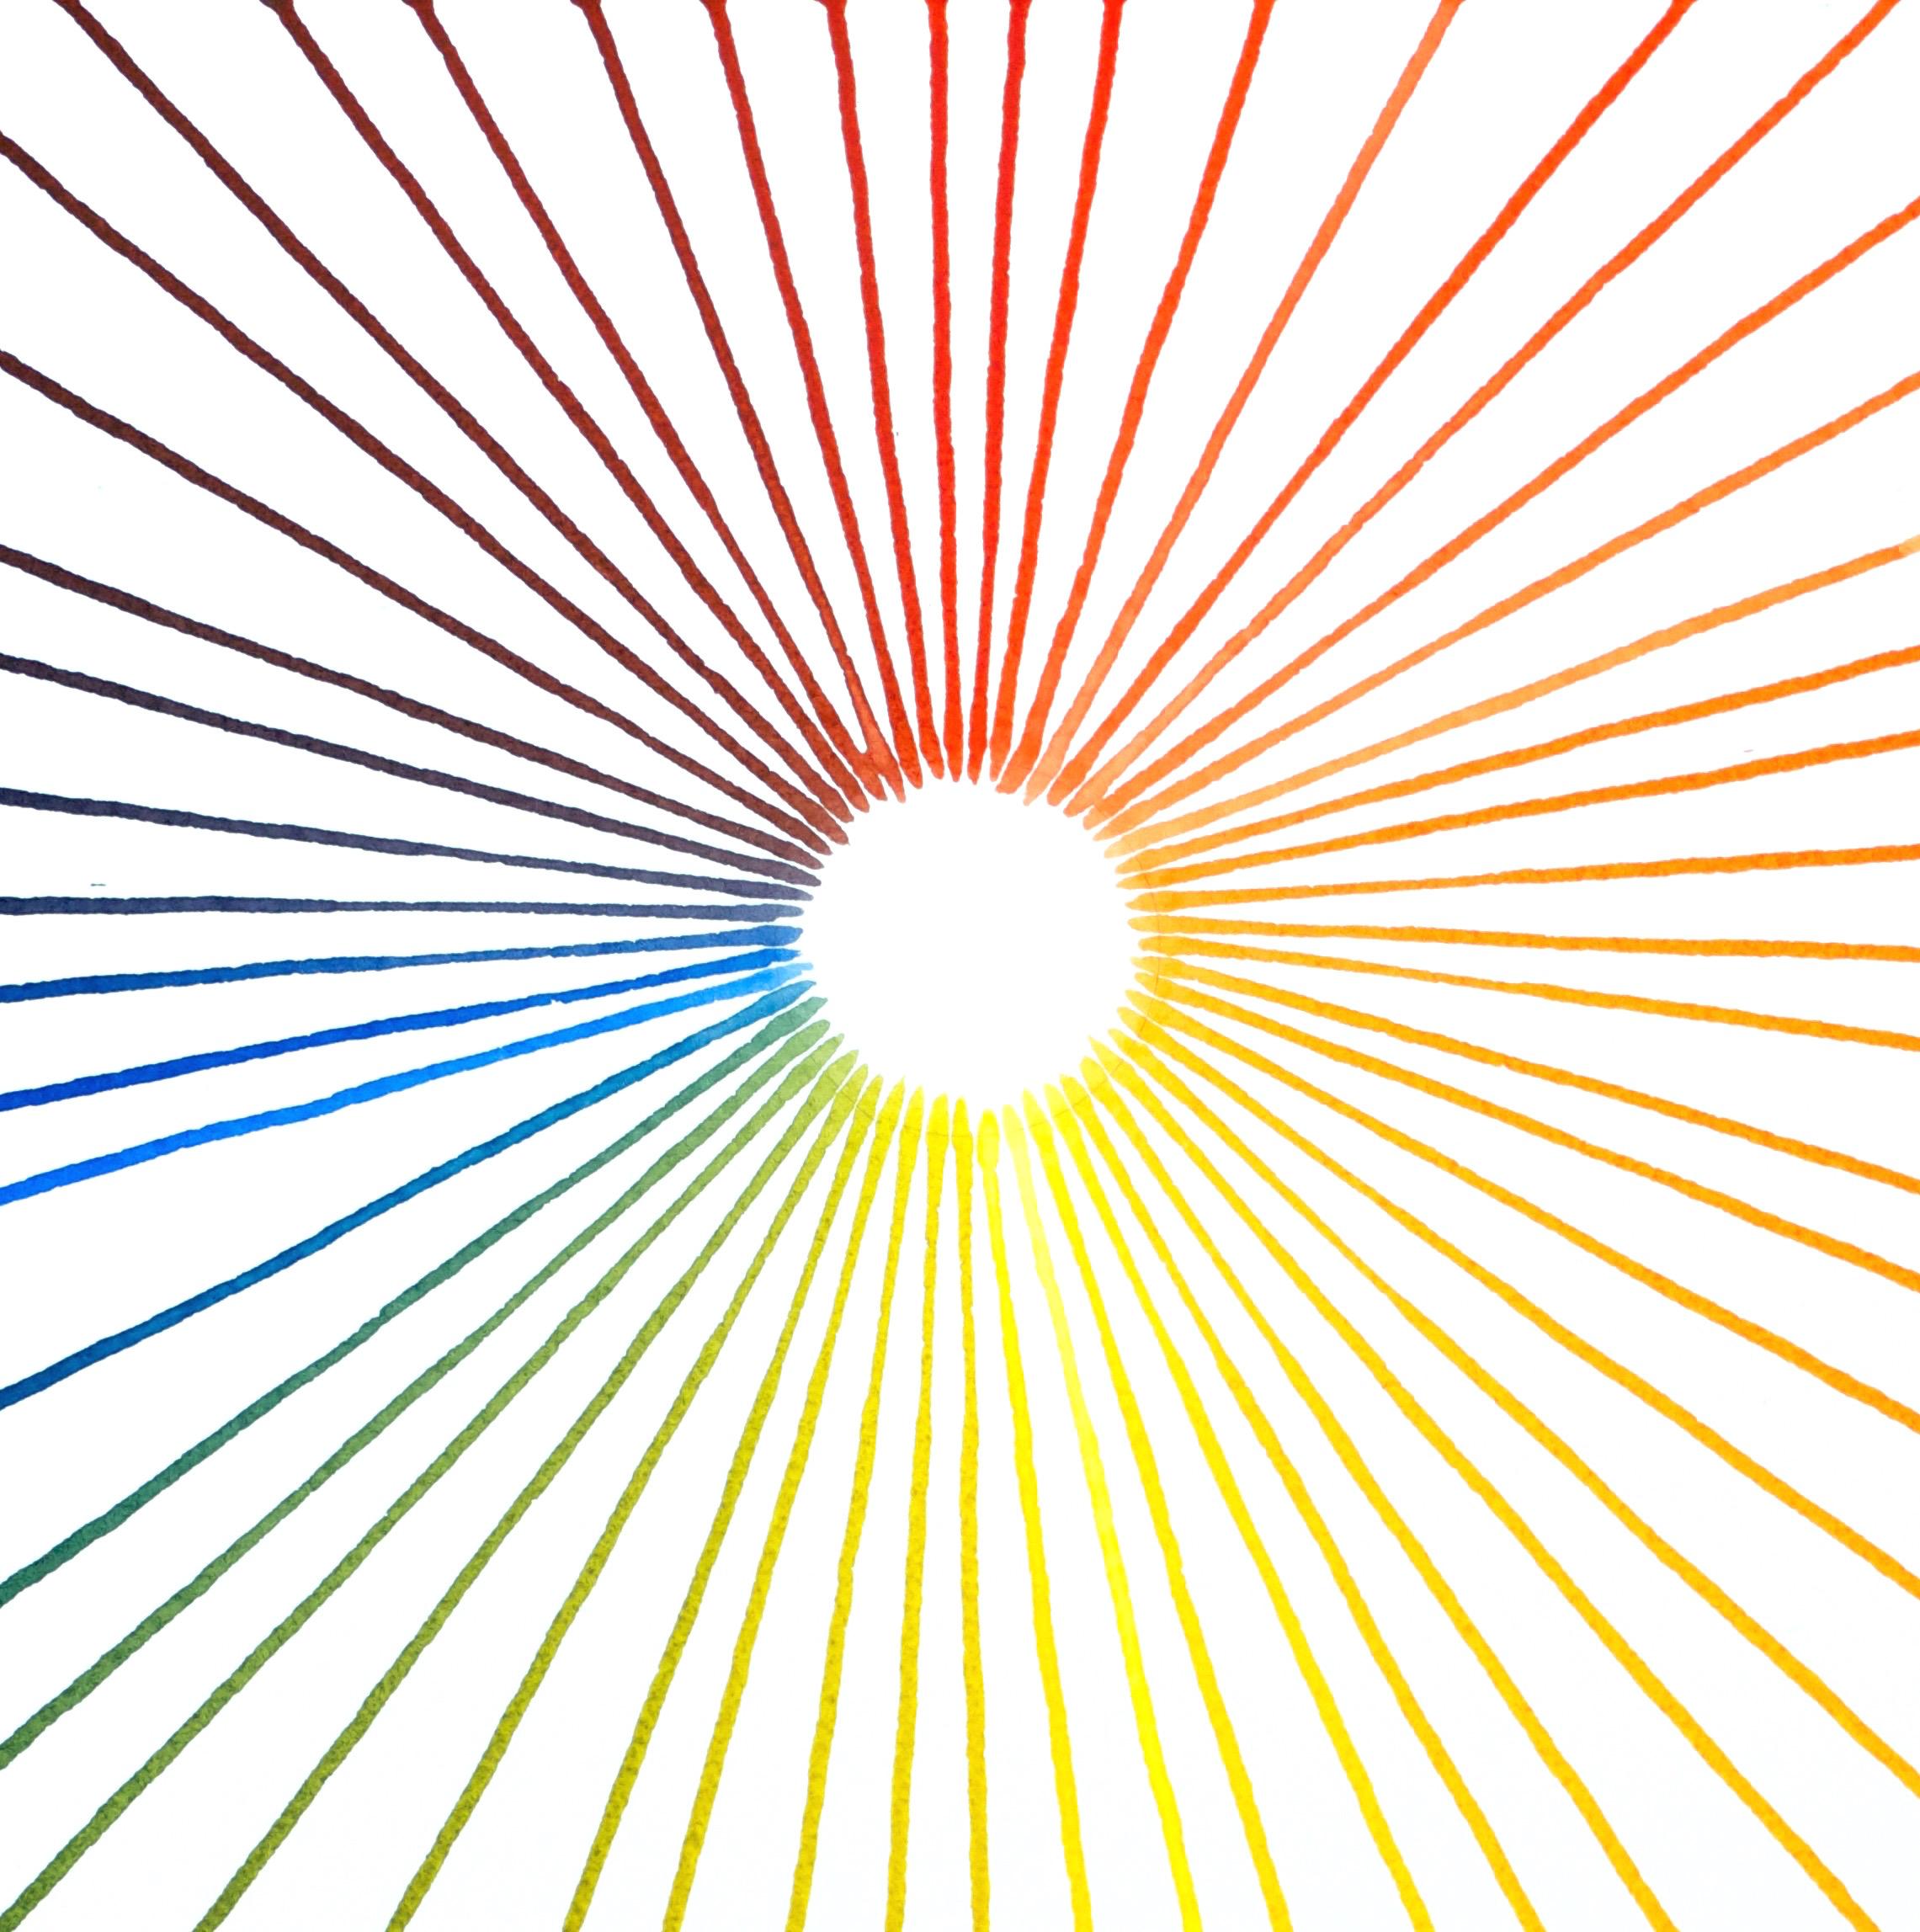 Liz West Our Colour Wheel 2016 17 Image Credit